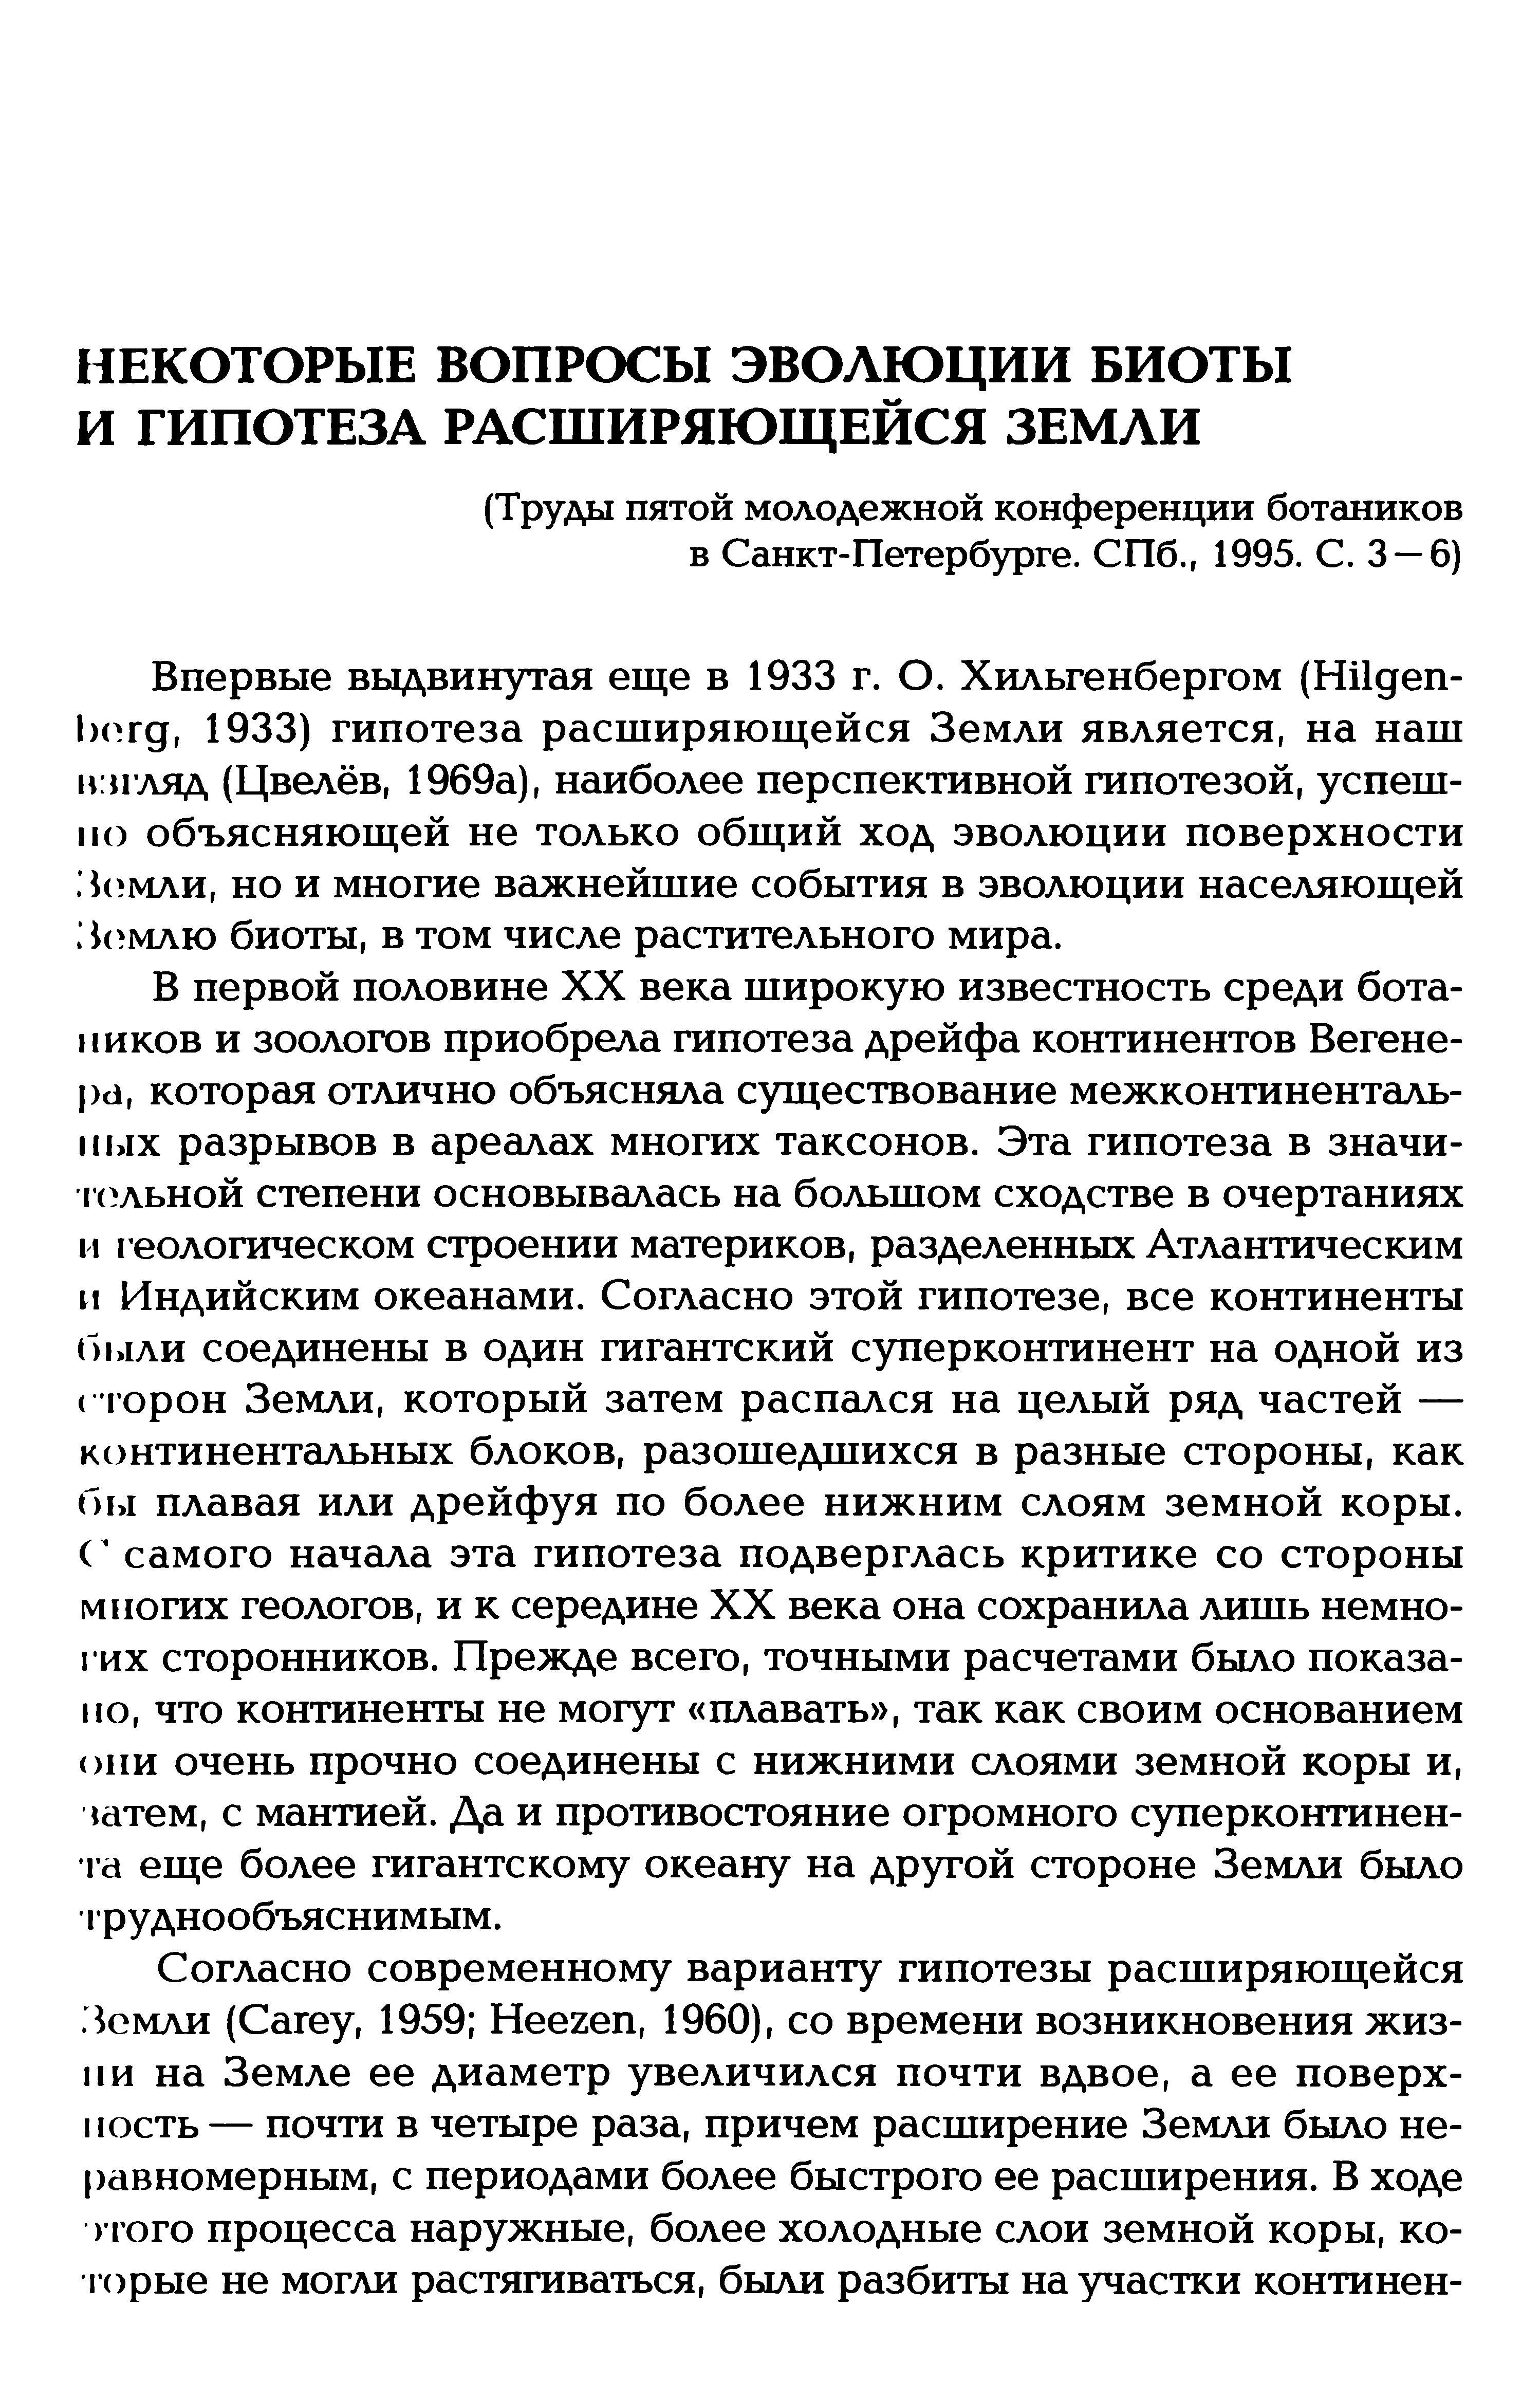 Tzvelev, 2005_2_1.jpg